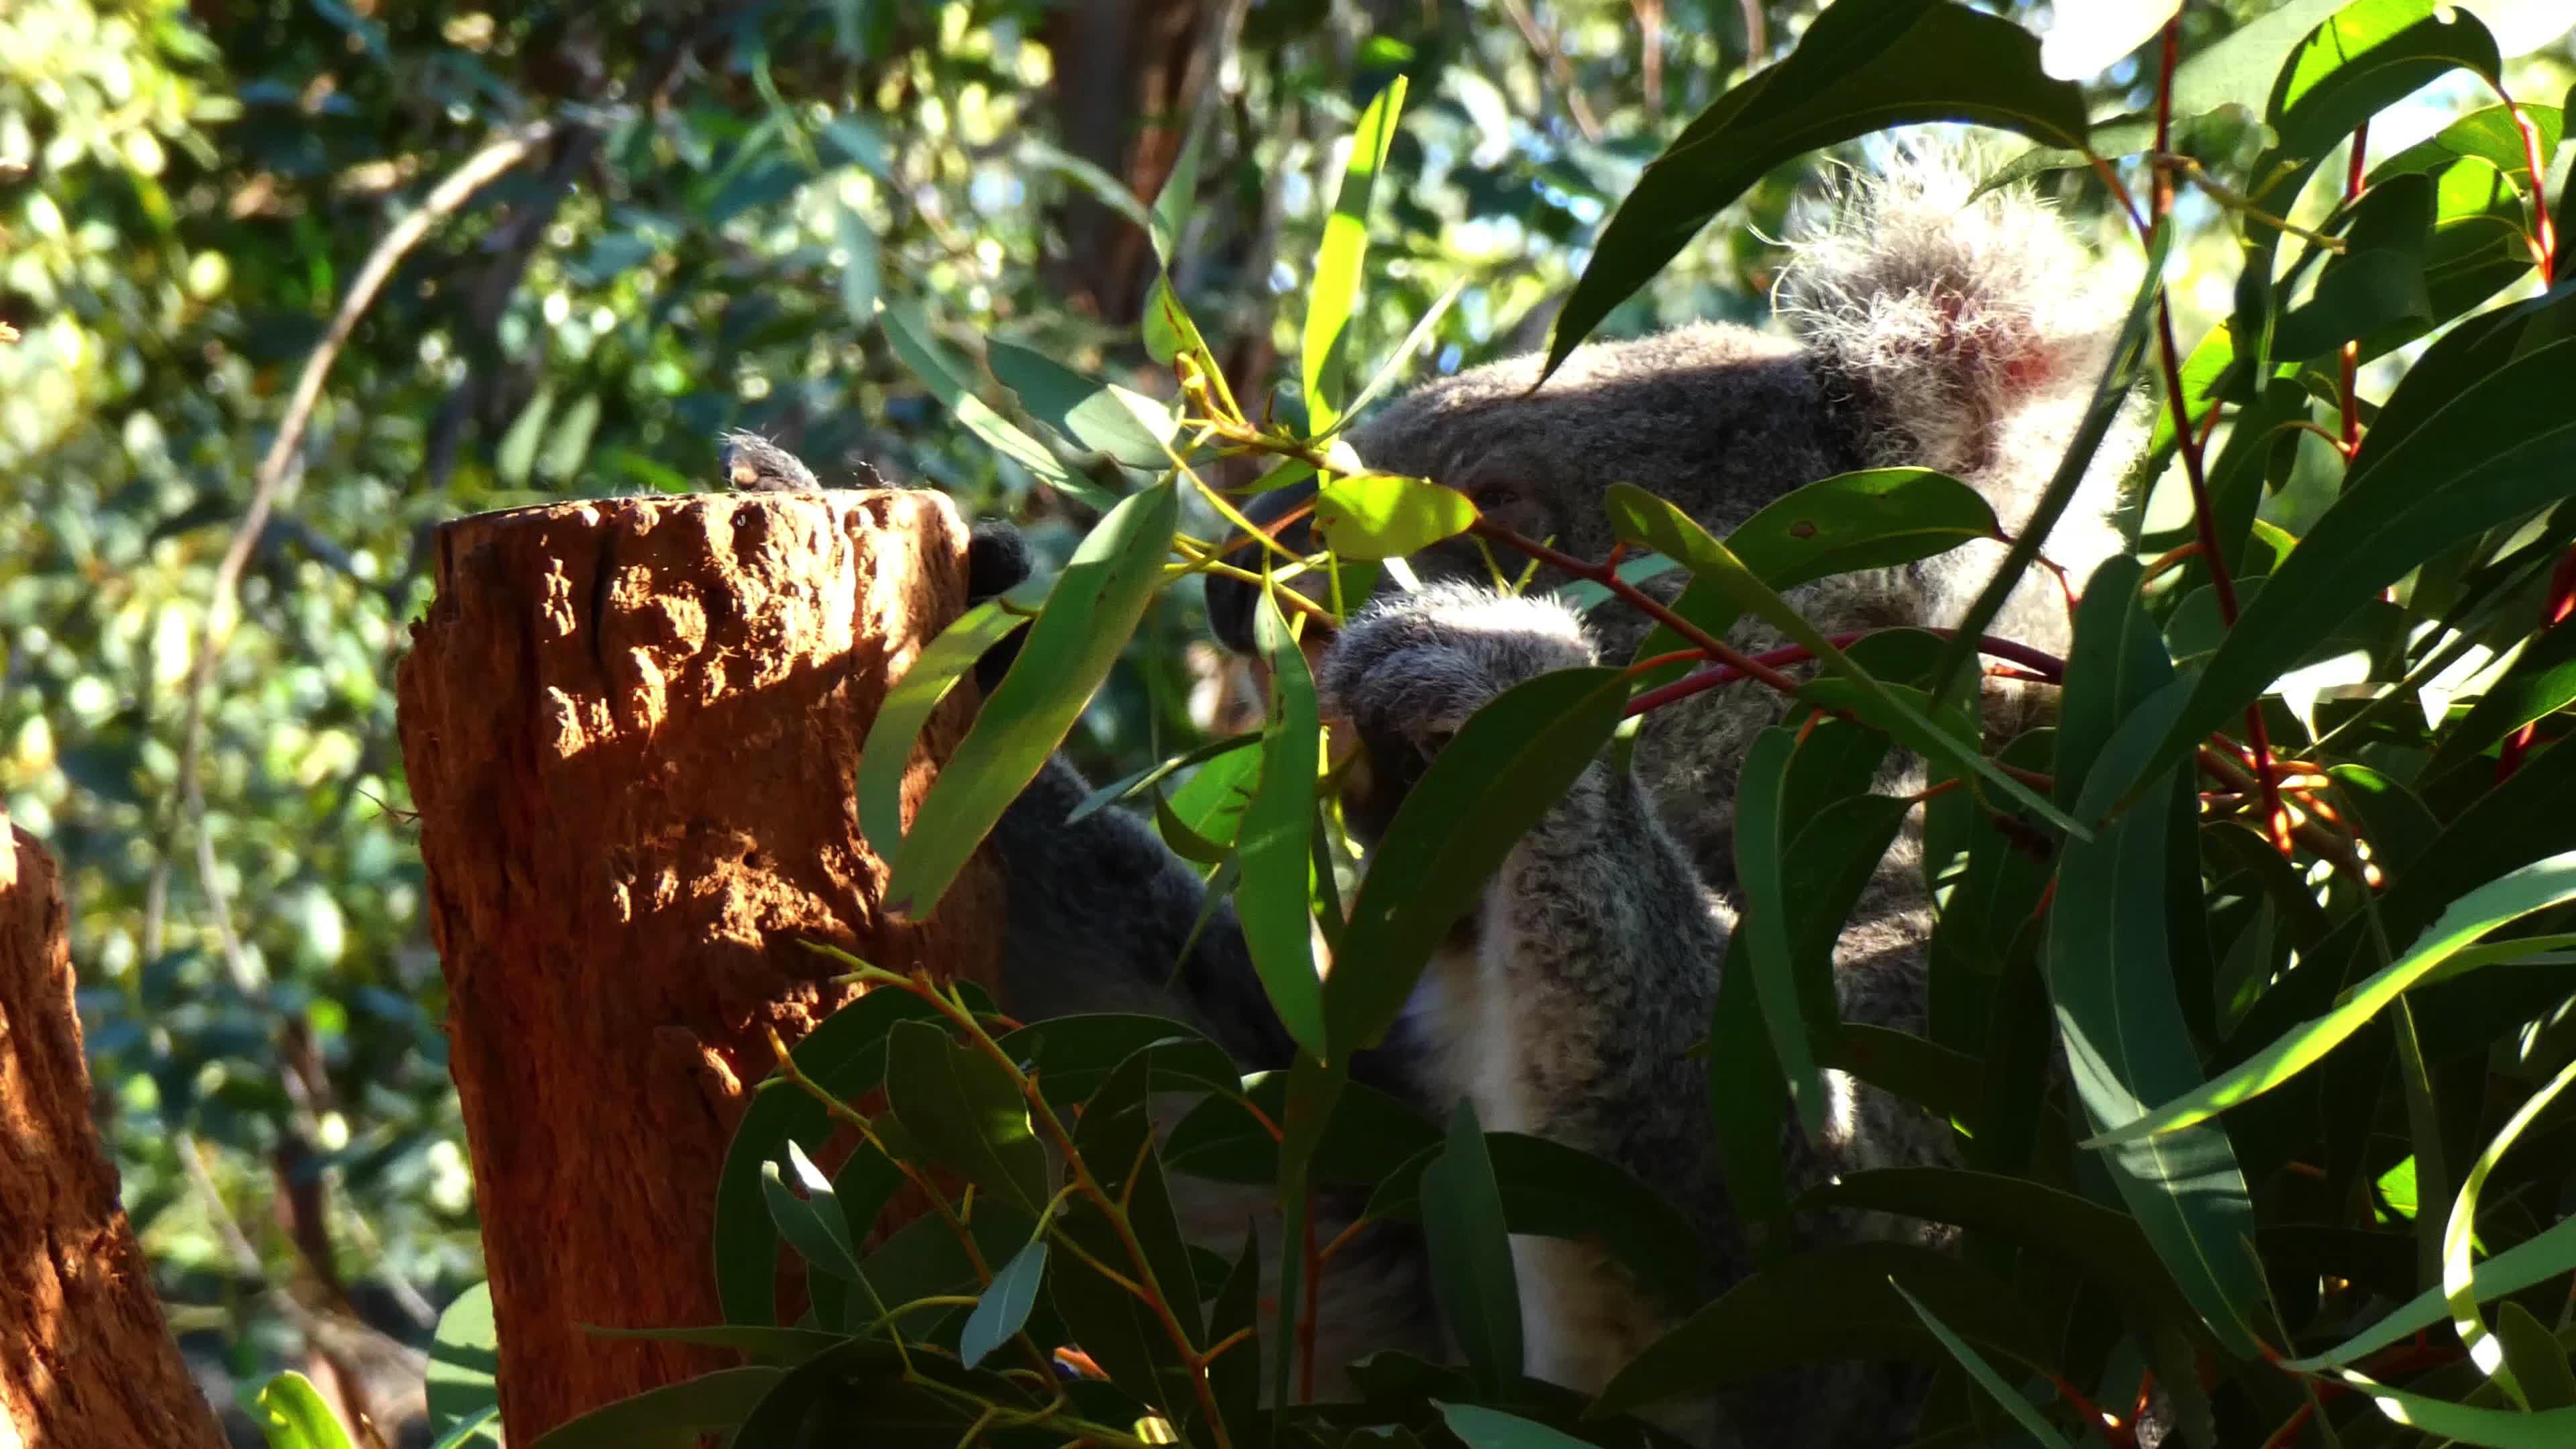 Oso Koala en el árbol 4K - ¡Clips y Vídeos HD de Gratis en Videezy!